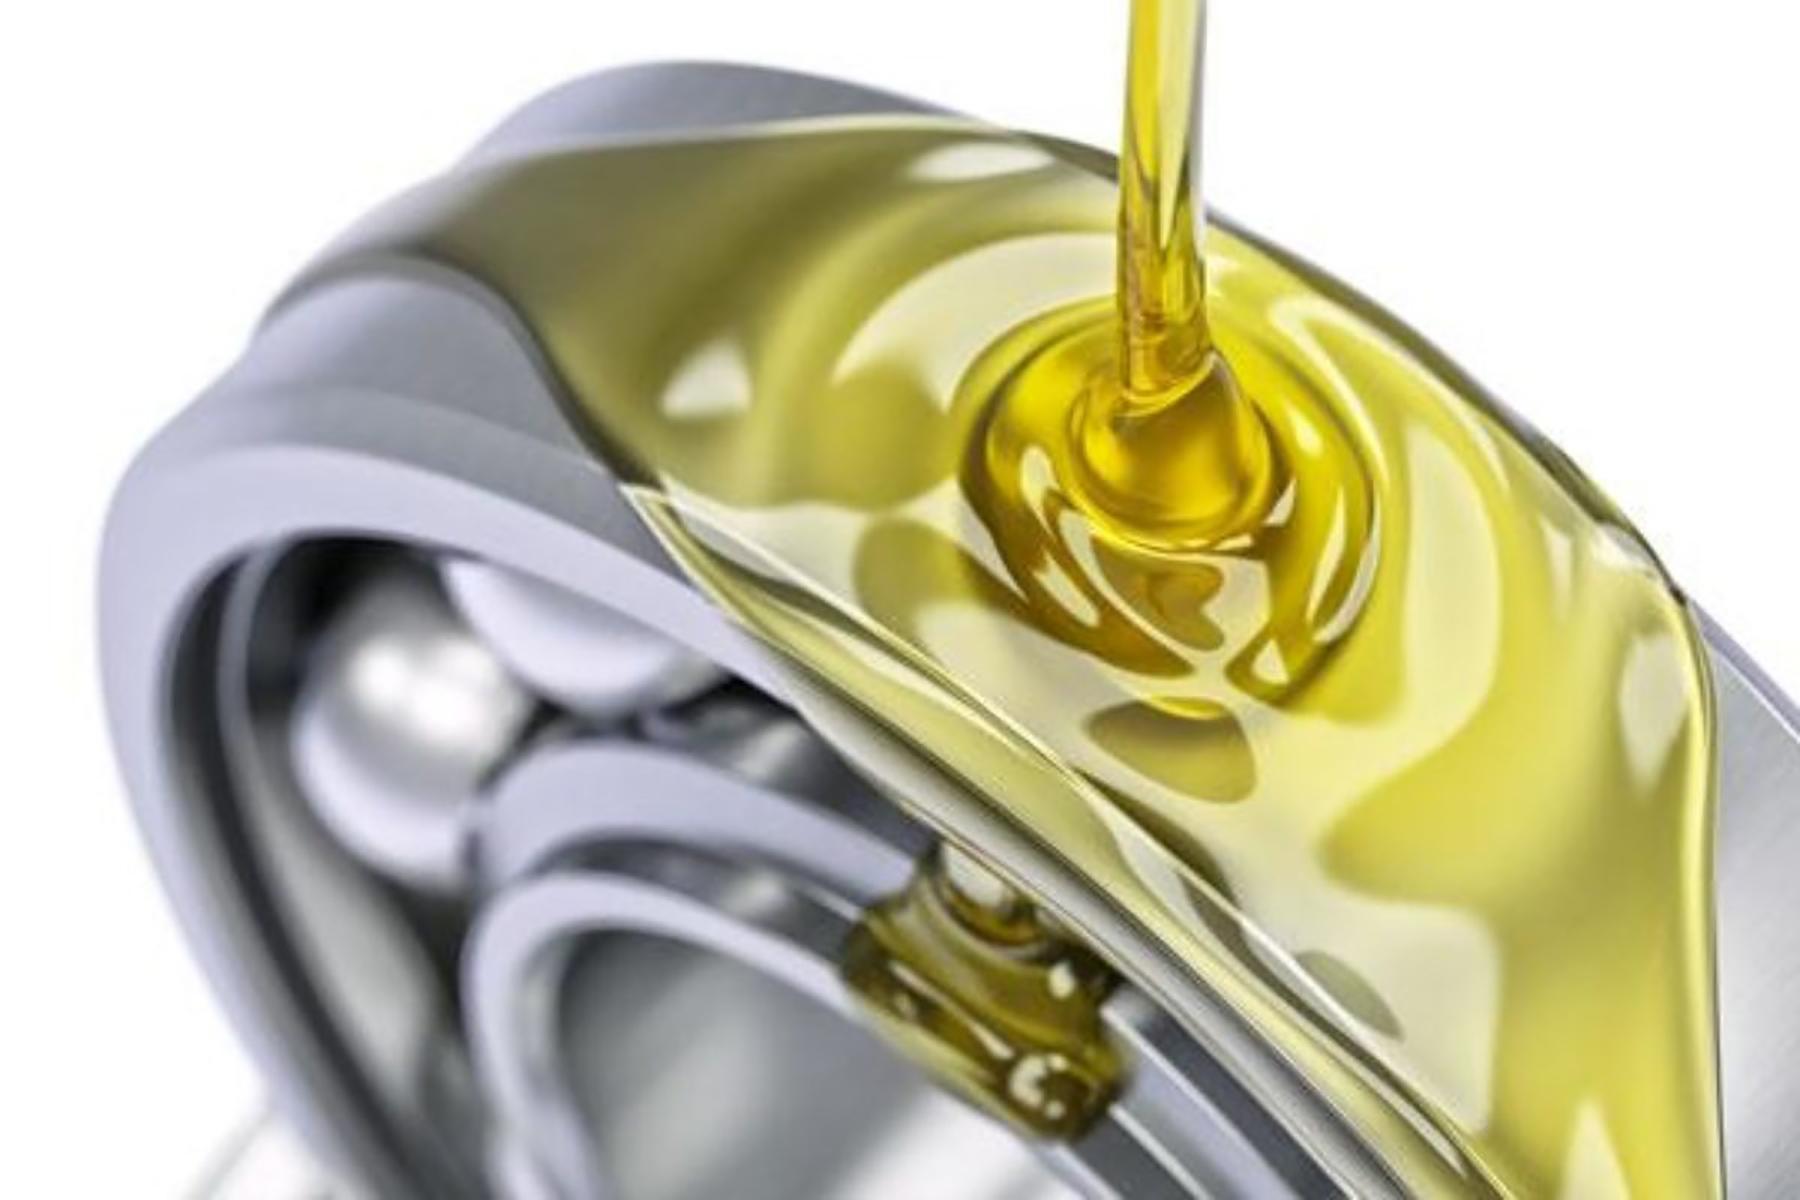 Mécanique - La lubrification industrielle